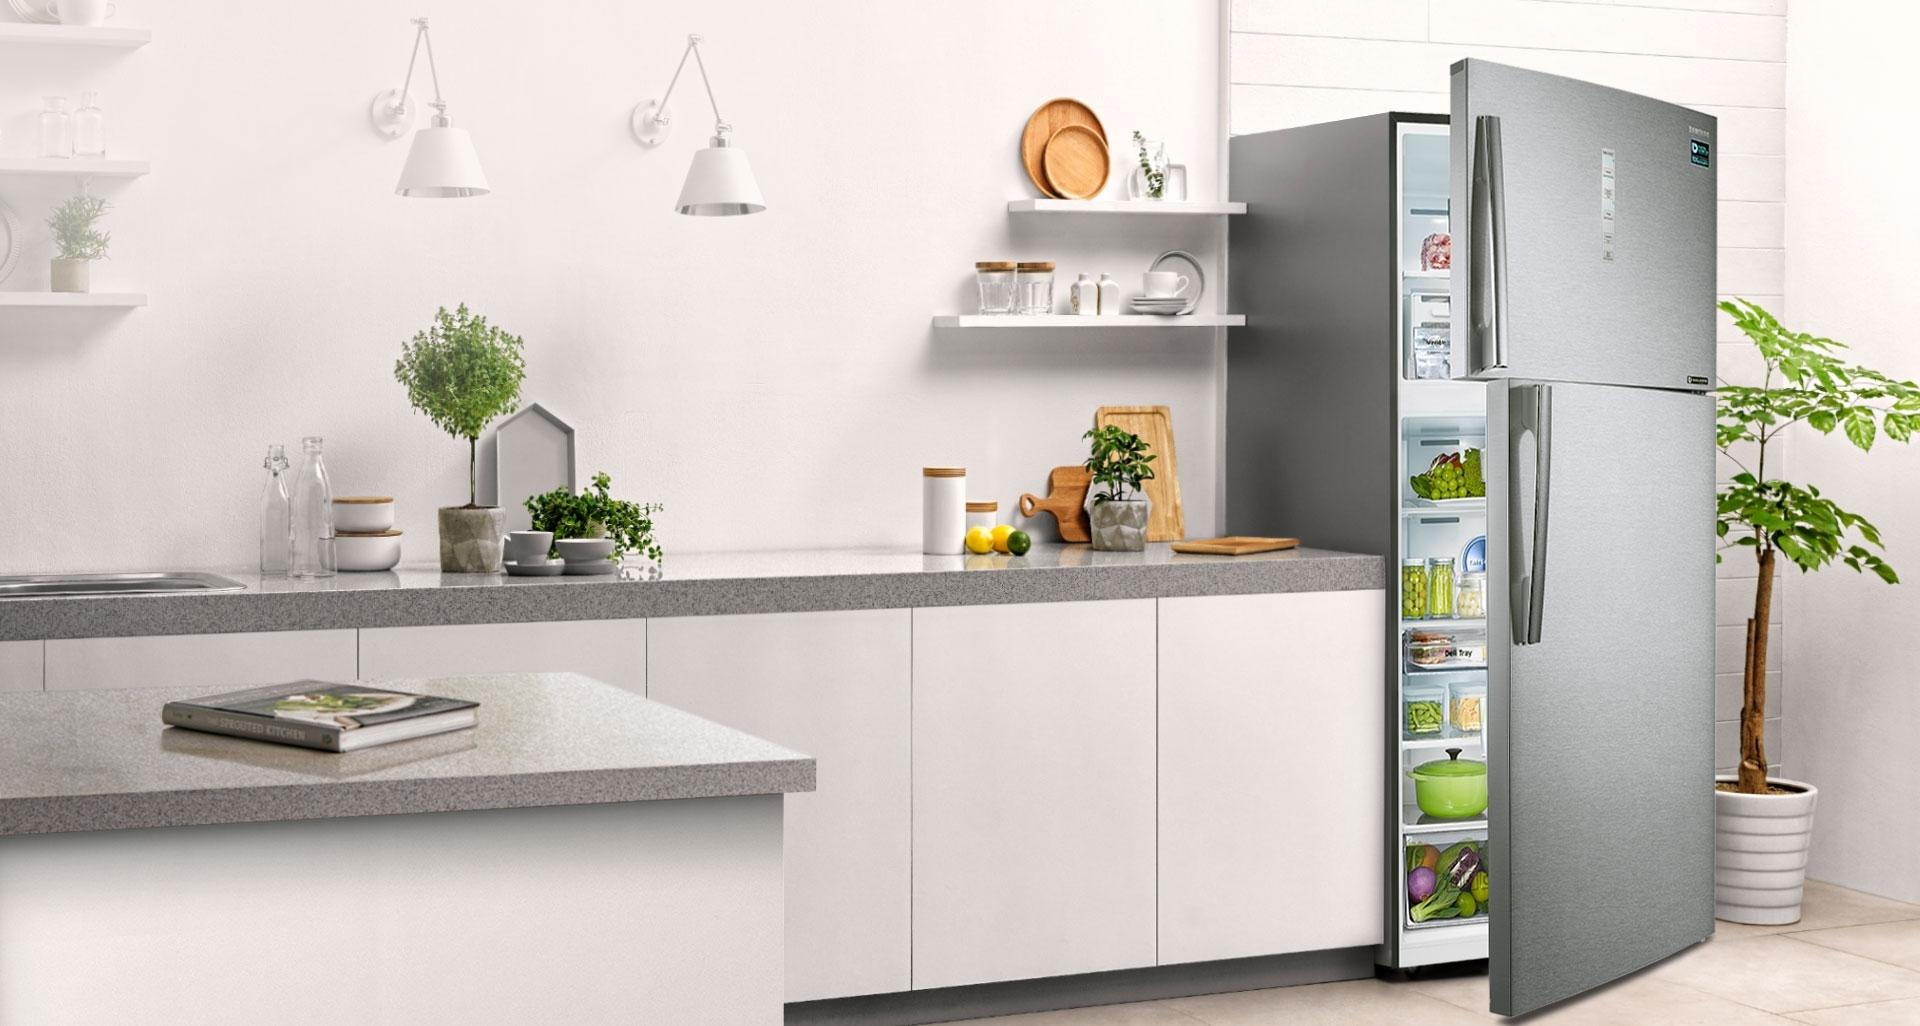 Tủ lạnh Samsung 586 lít RT58K7100BS/SV công nghệ space max